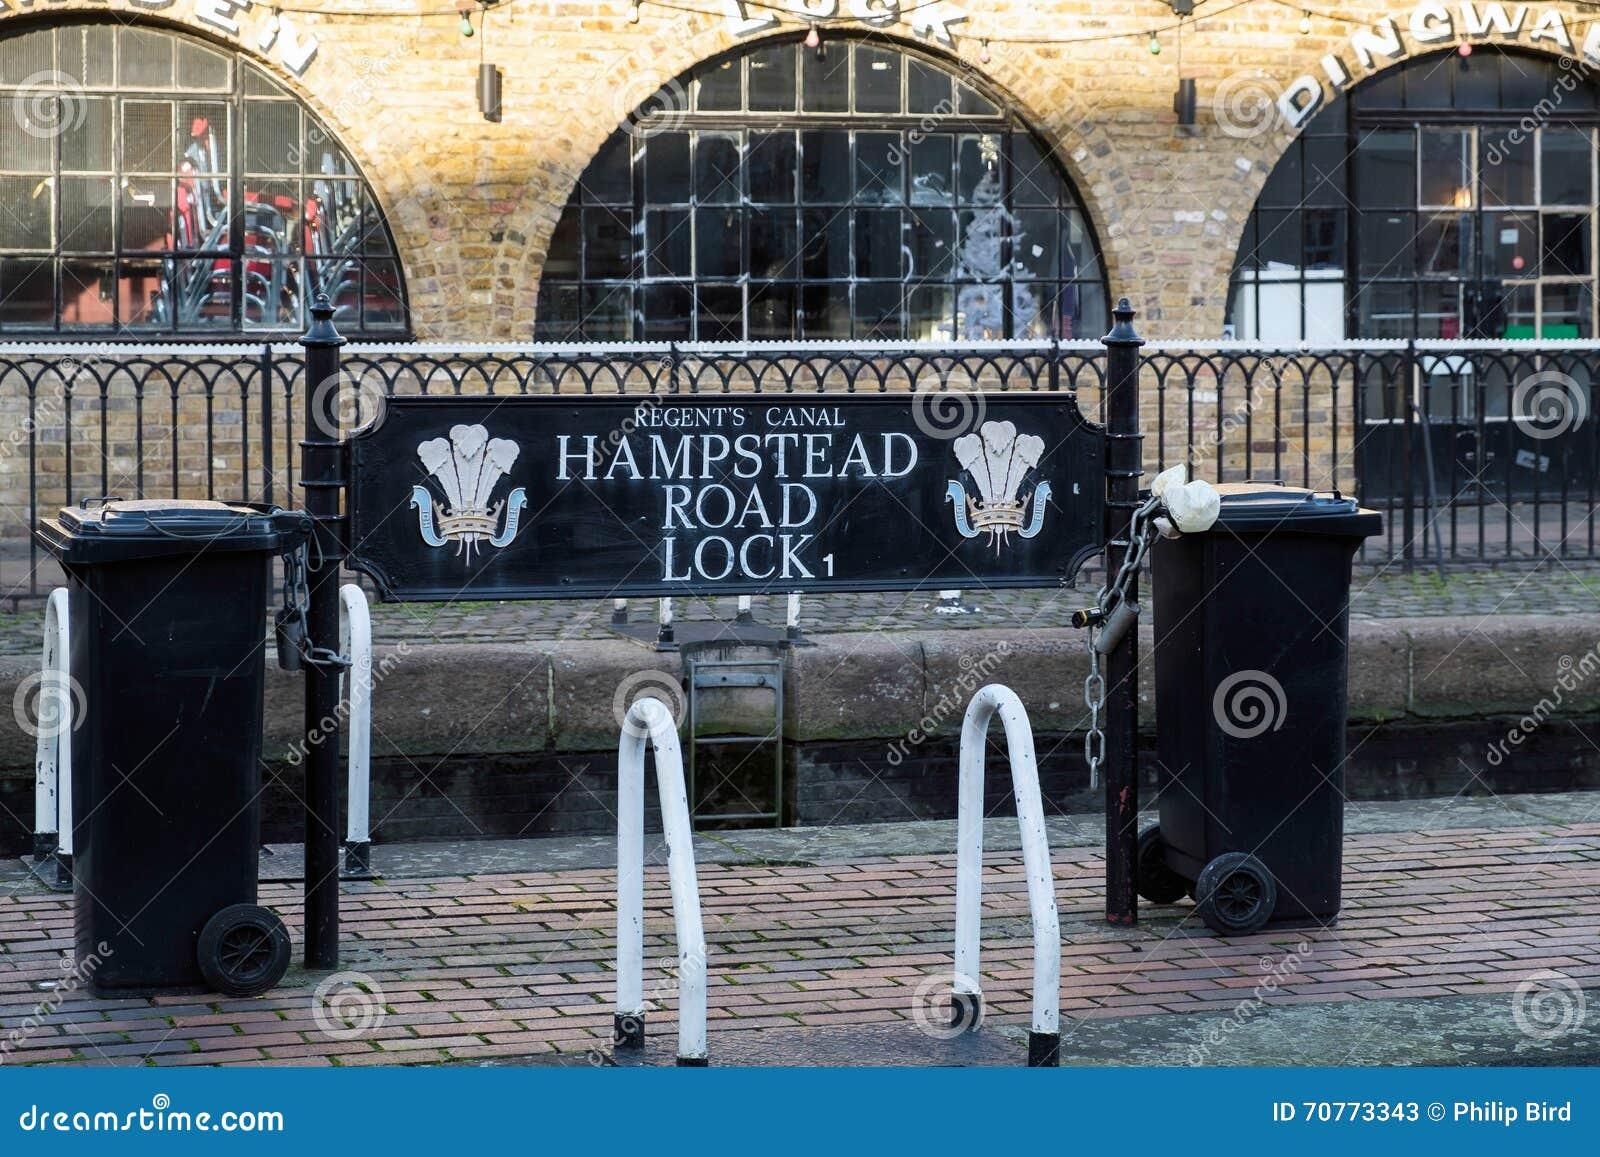 LONDON - DEC 9: Hampstead väglås på regentens kanal i Lo